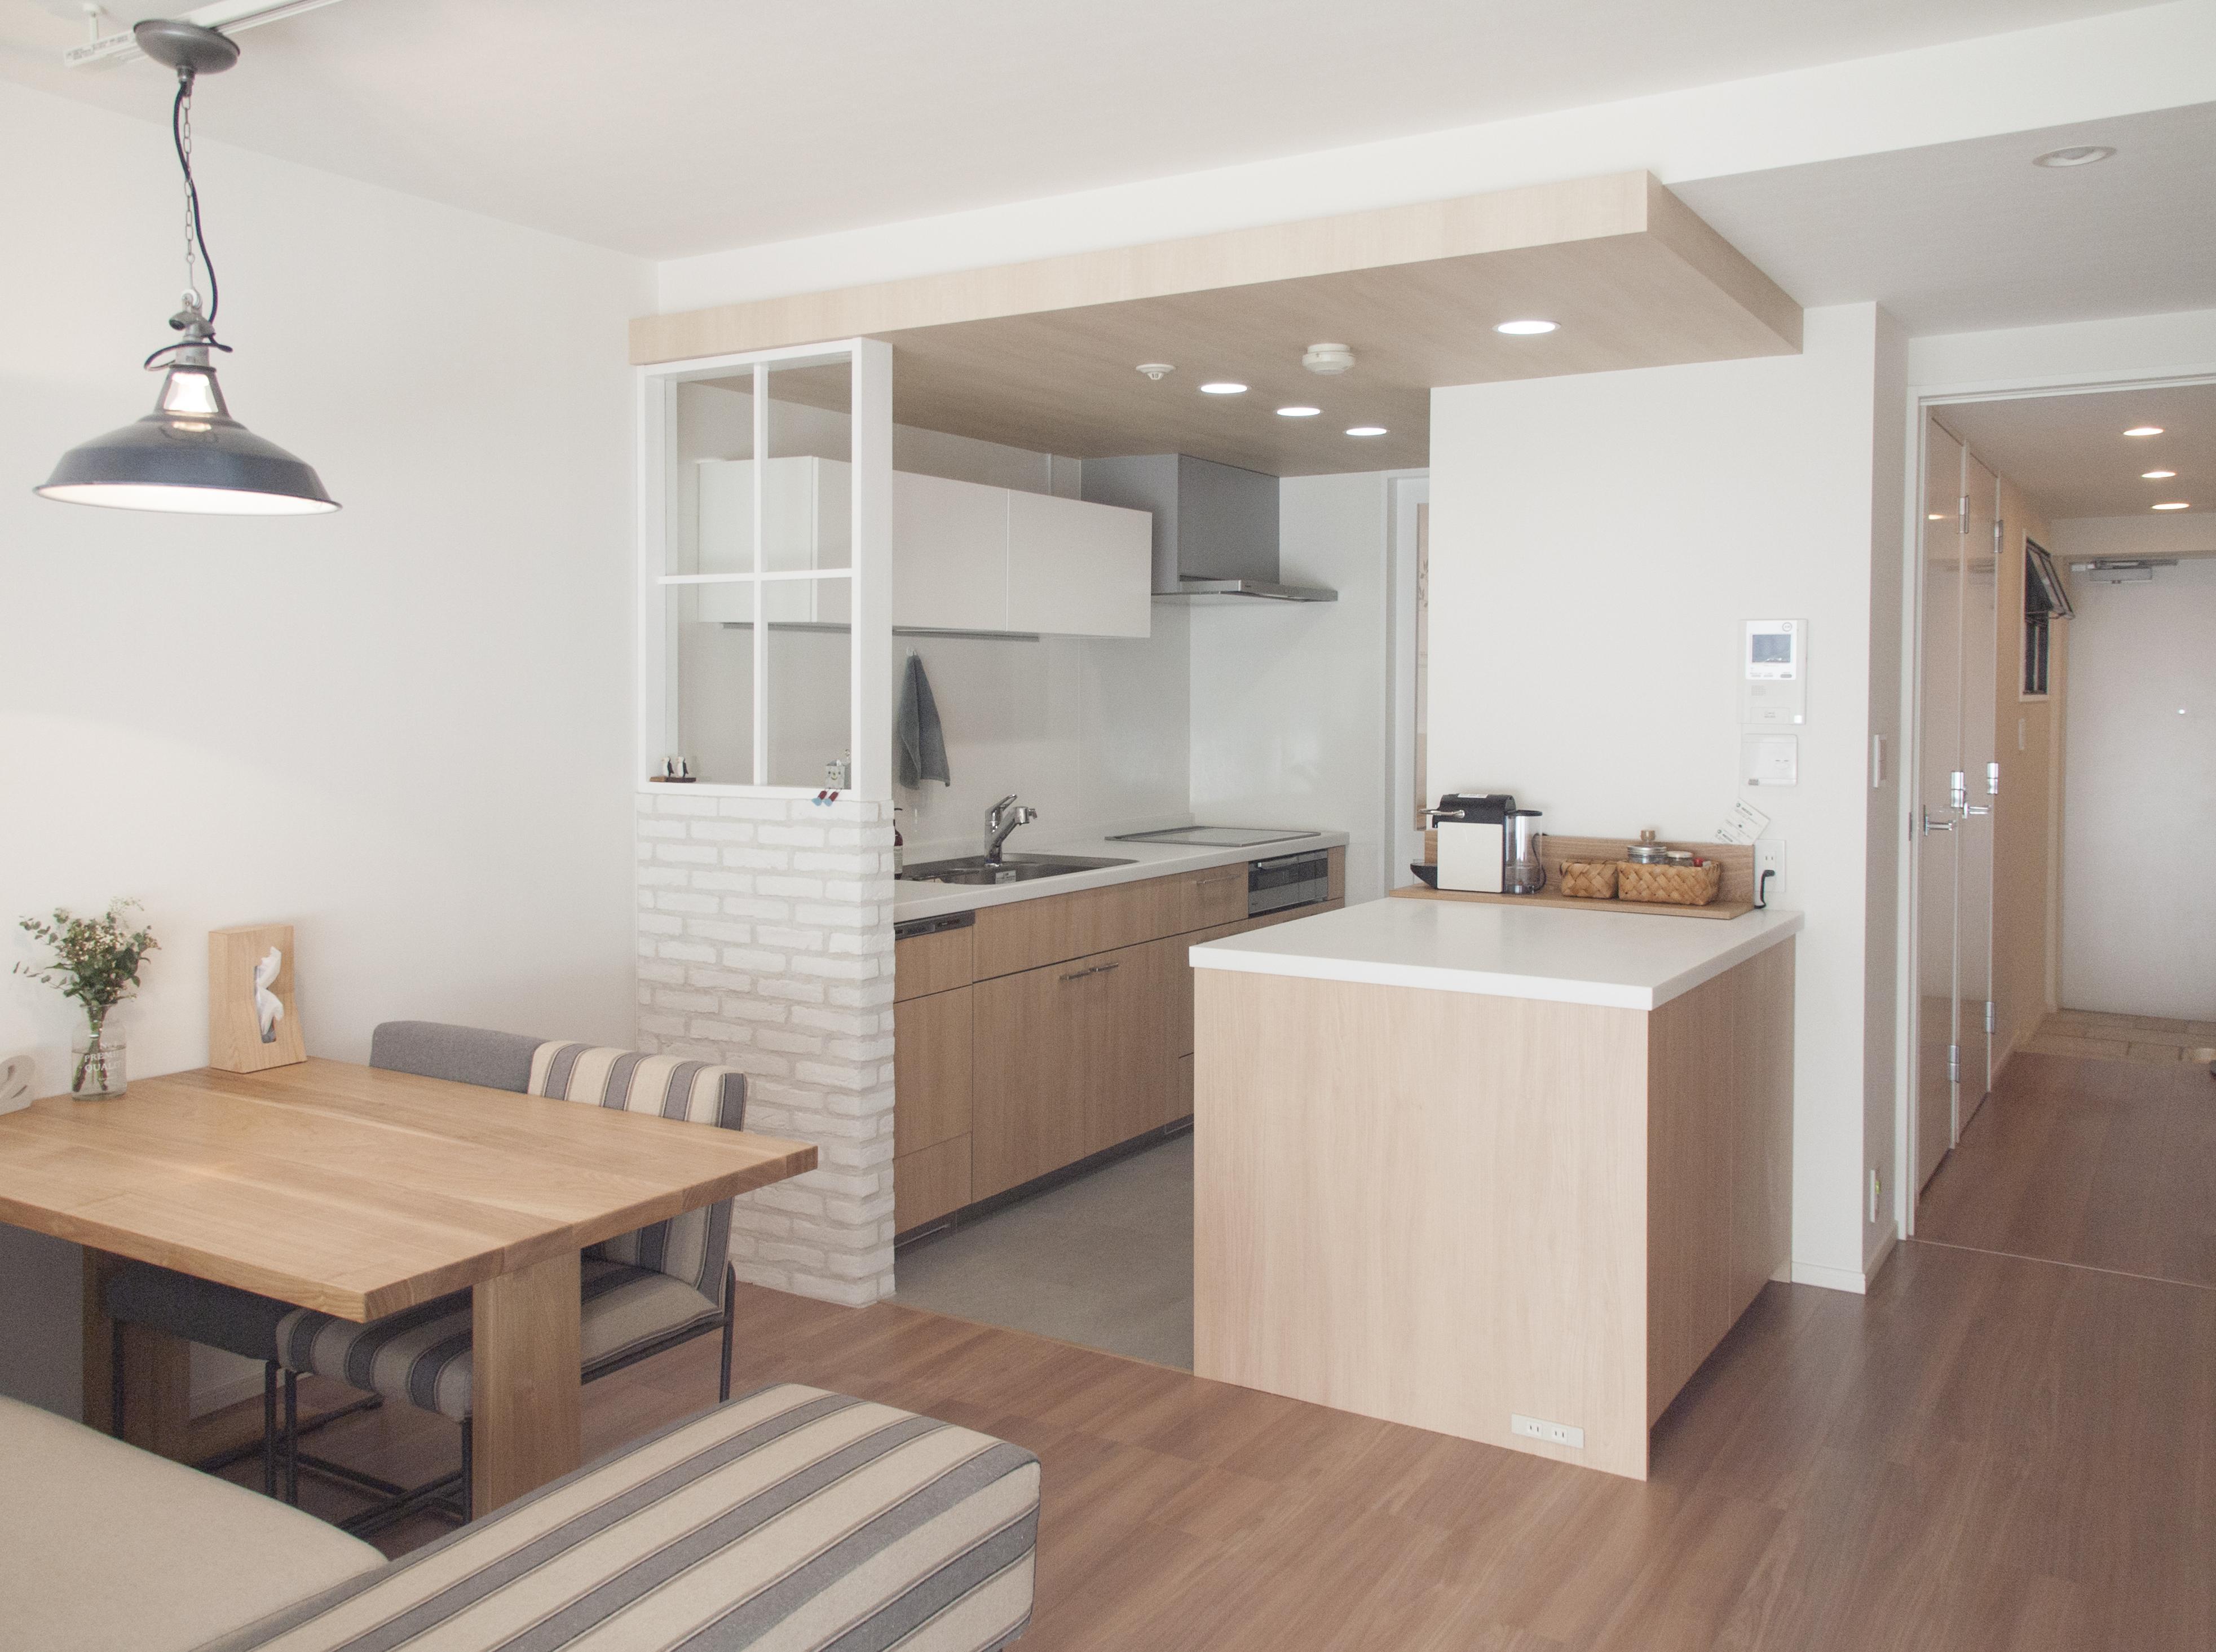 建築家とつくりあげた理想のリノベーション空間の部屋 ゆったりと過ごせるダイニングキッチン